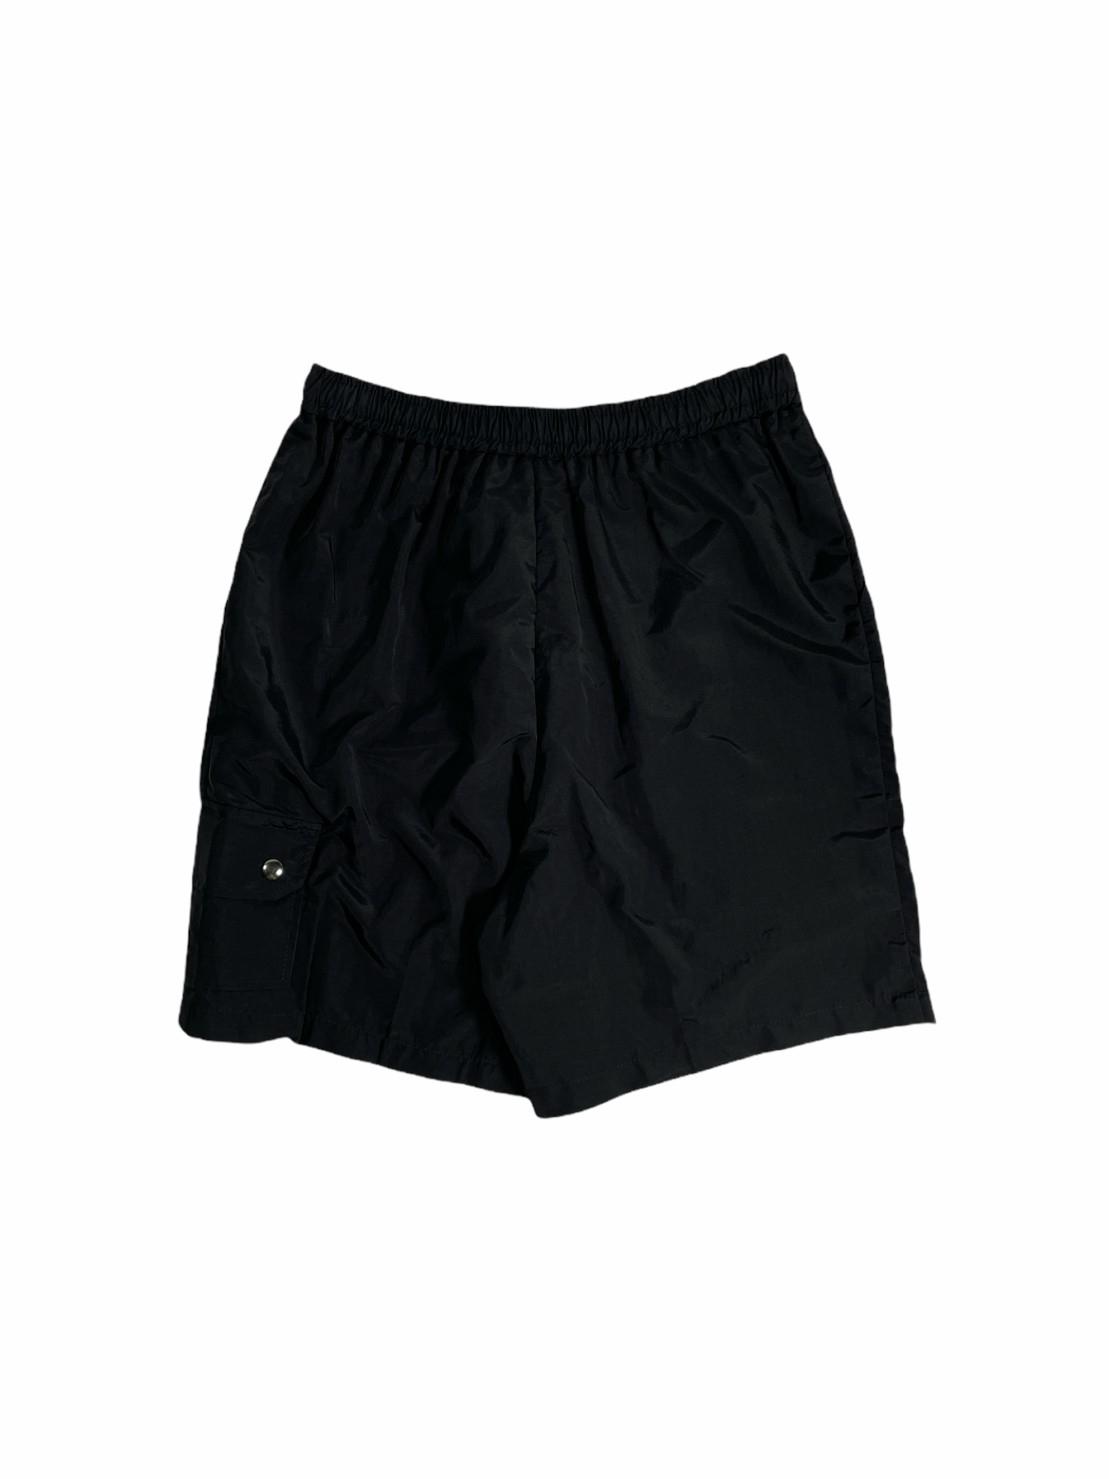 FRANK! Nylon Shorts